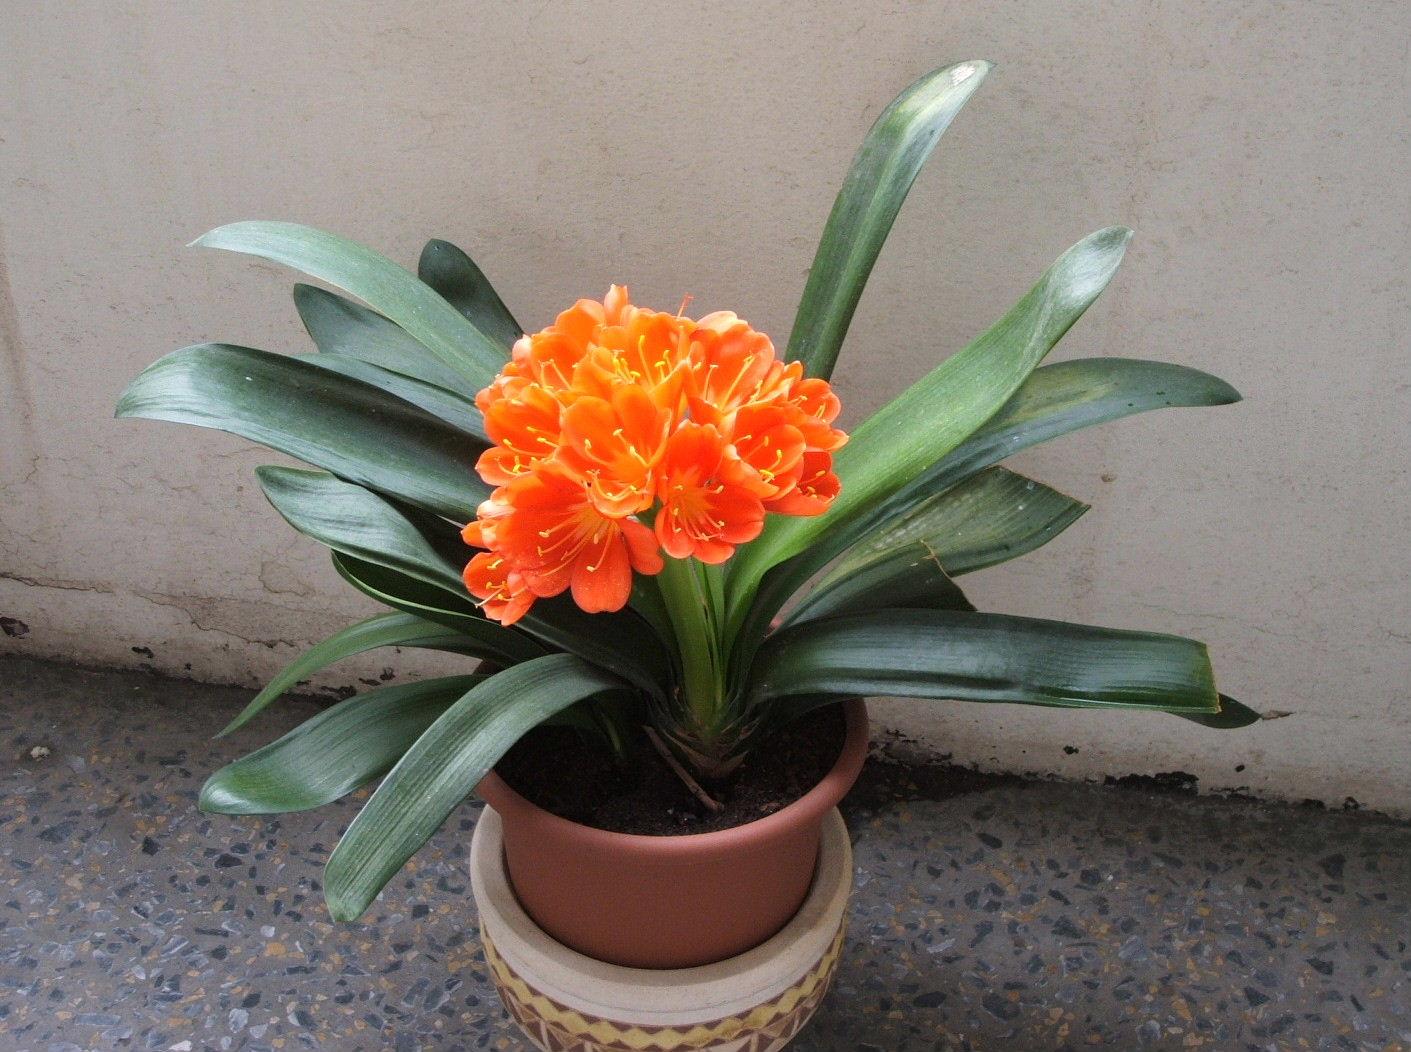 Topfpflanze - Schattige zimmerpflanzen ...